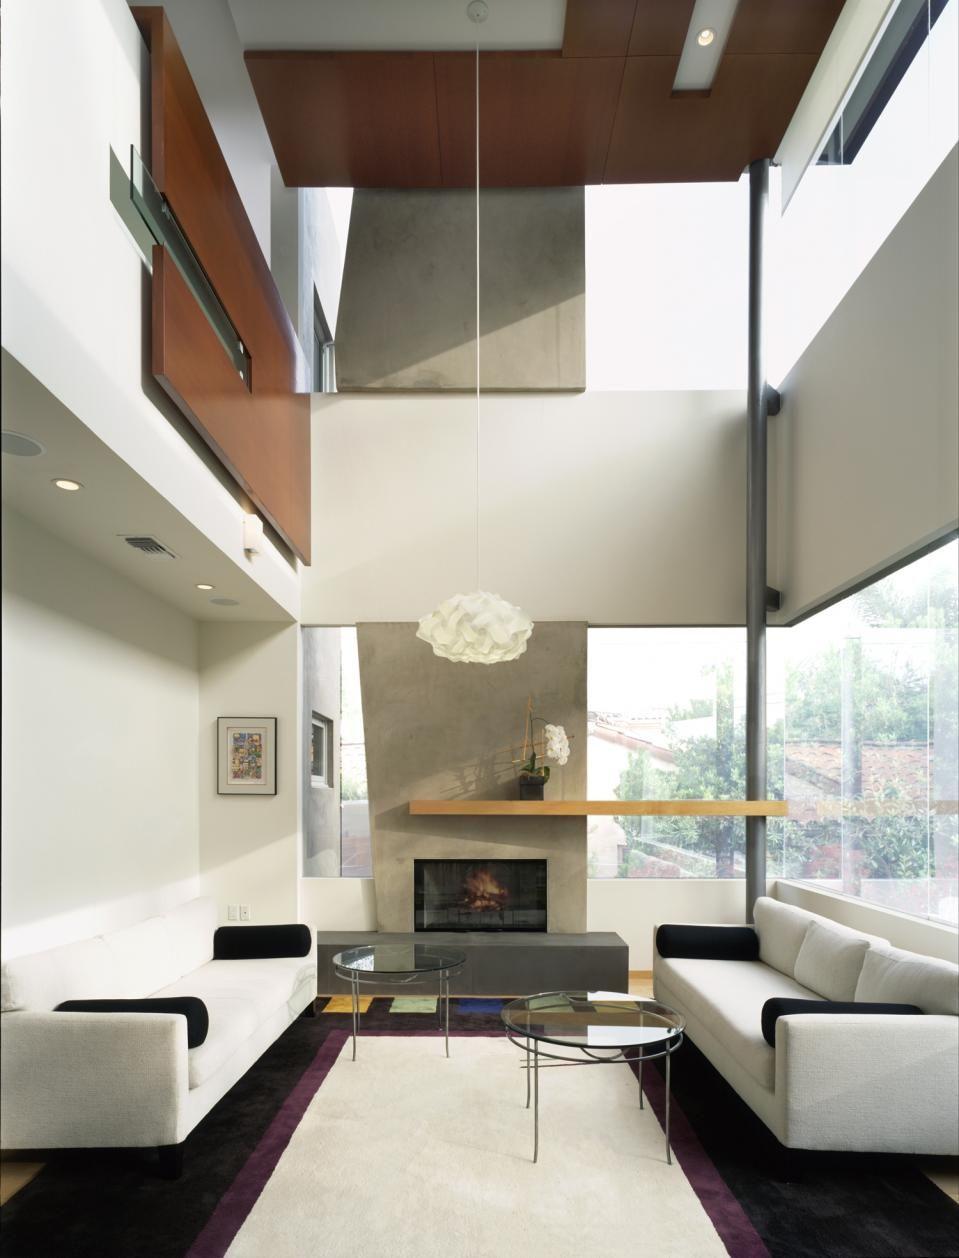 Pin von Fifi Tesi auf Modern homes | Pinterest | Projekte